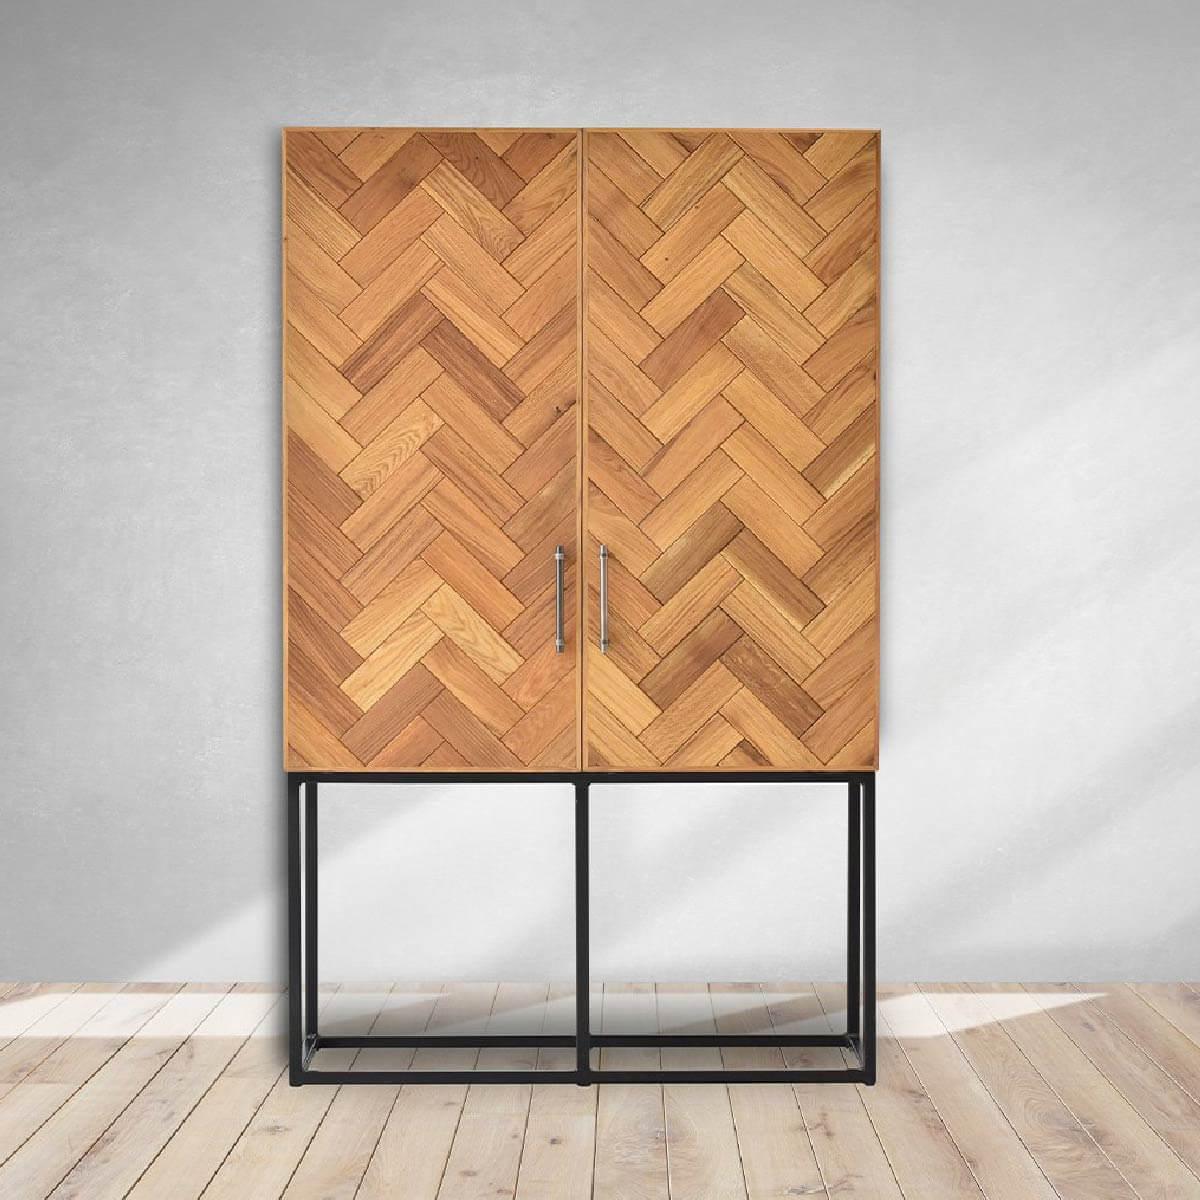 Sterling-Cabinet-in-Fishbone-Design-Cozy-Home-Dubai1